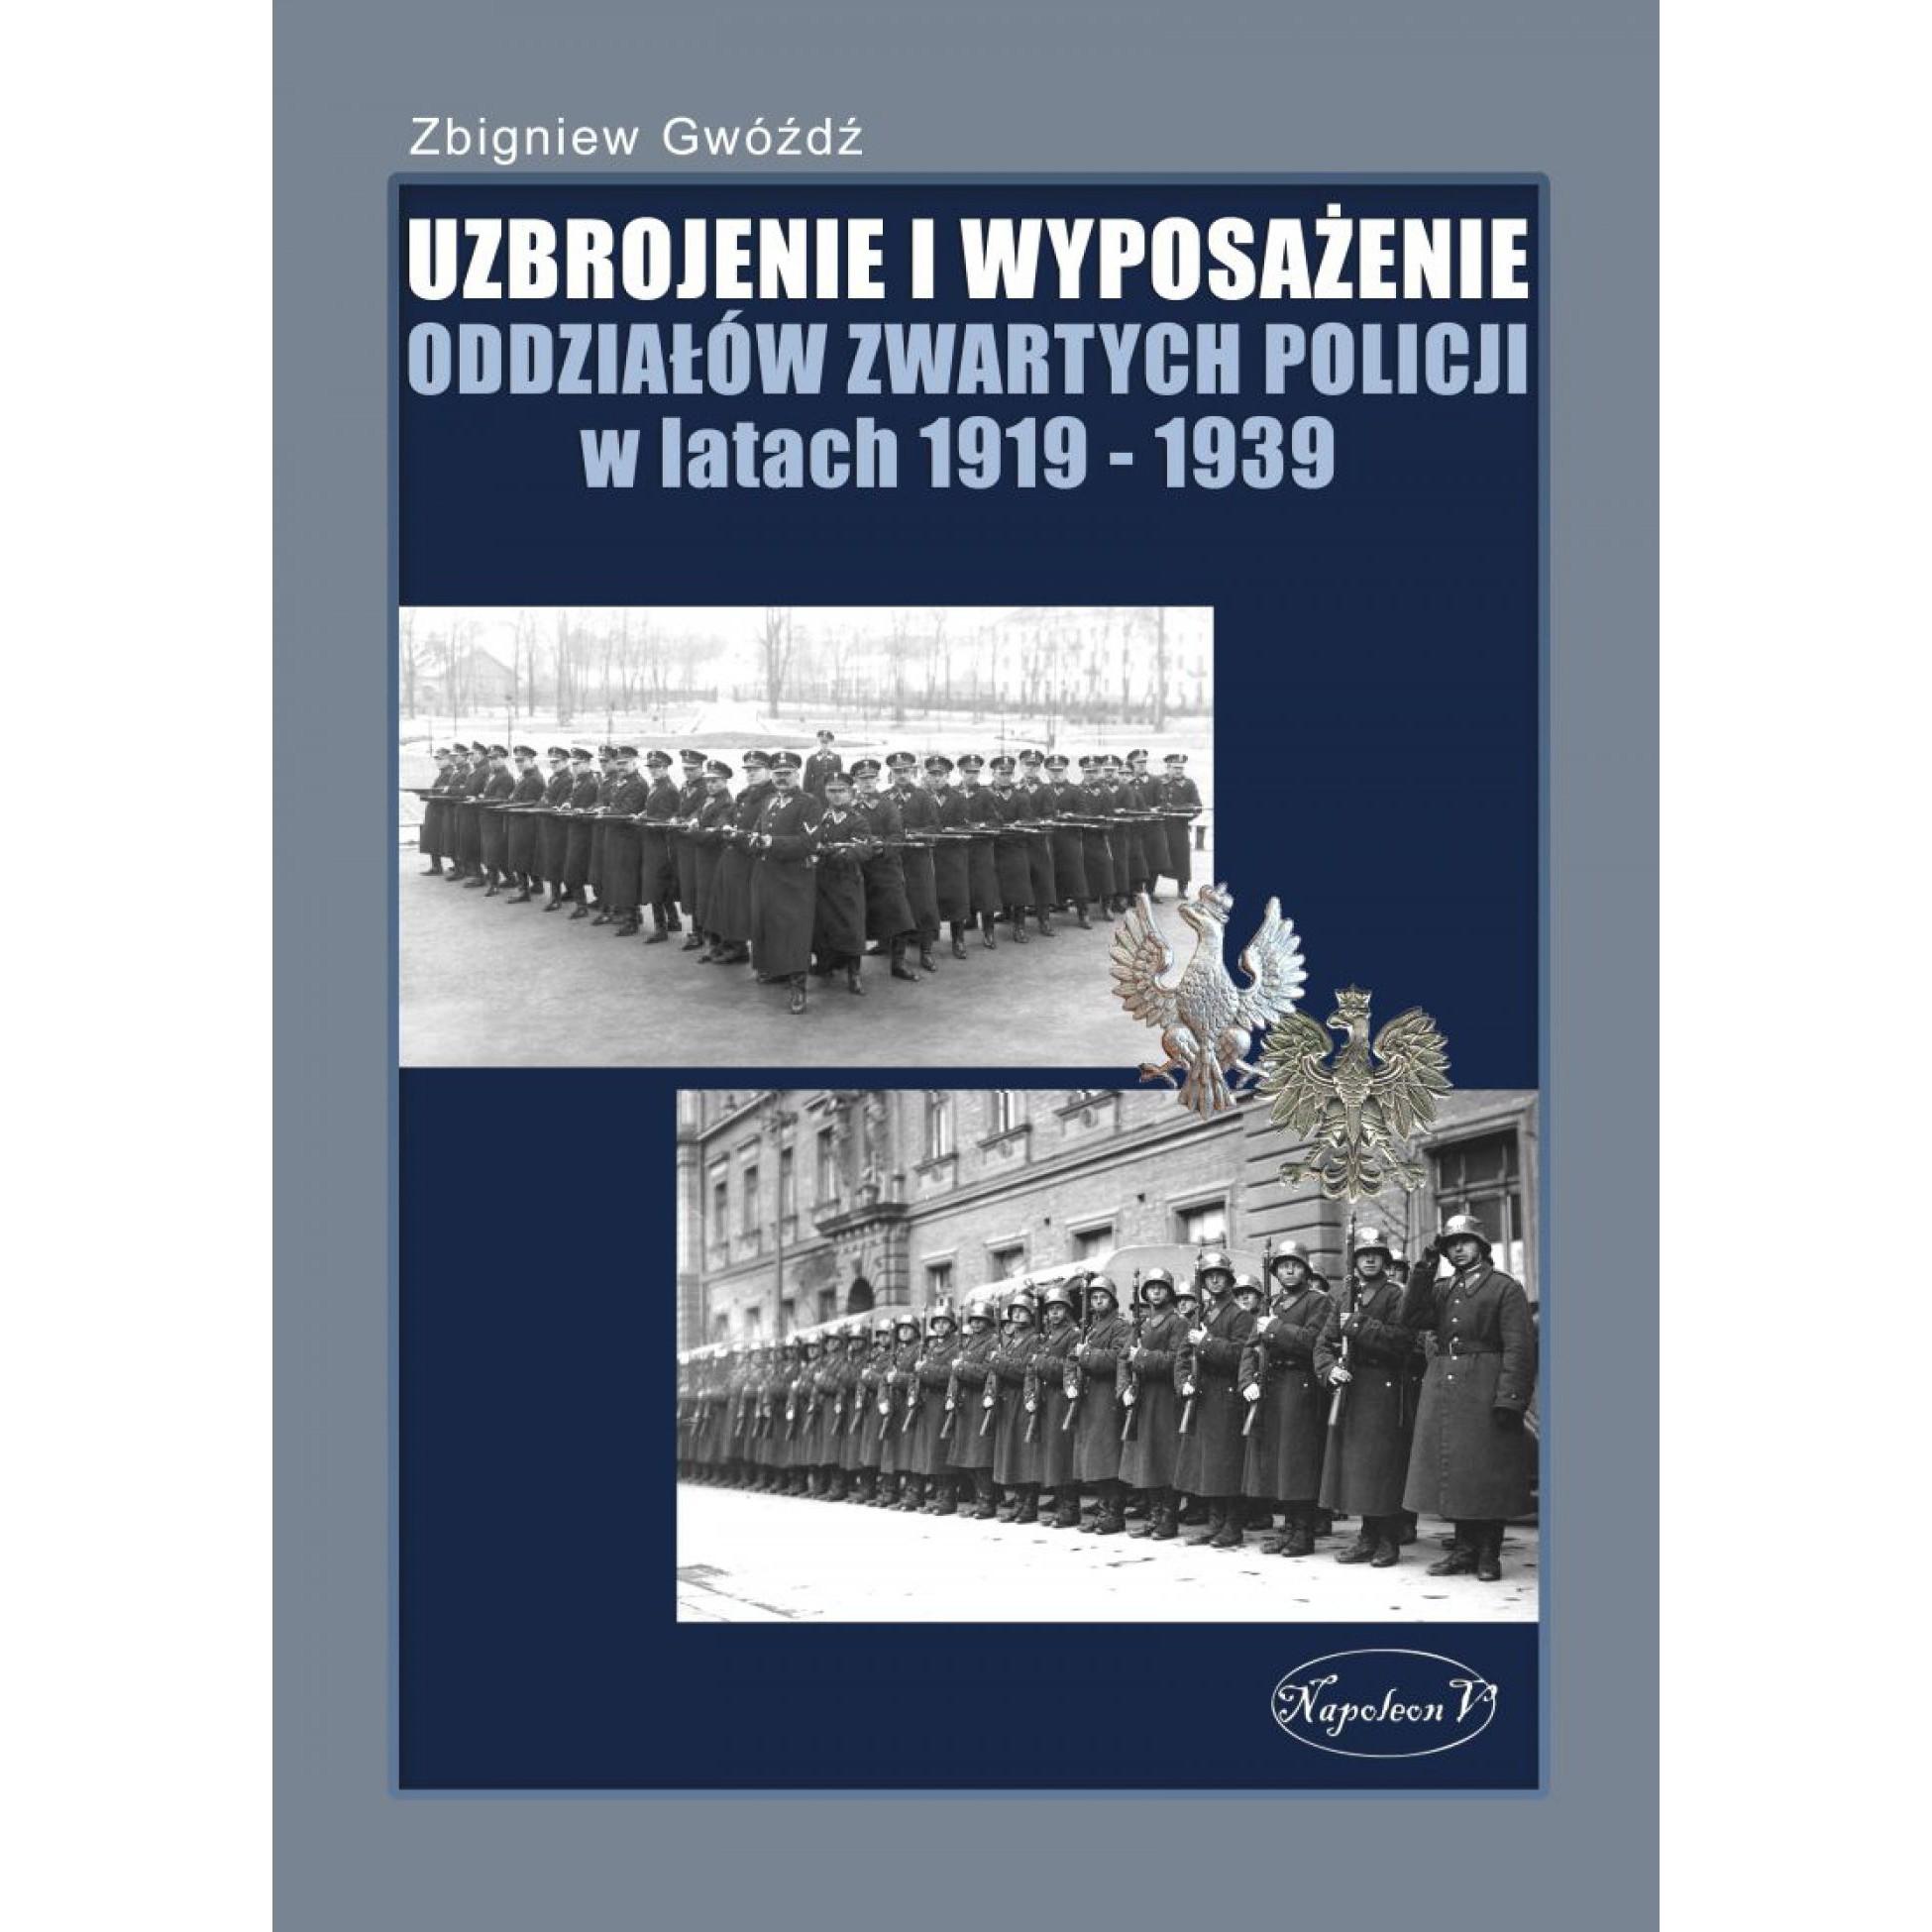 Uzbrojenie i Wyposażenie Oddziałów Zwartych Policji w latach 1919-1939 - Outlet